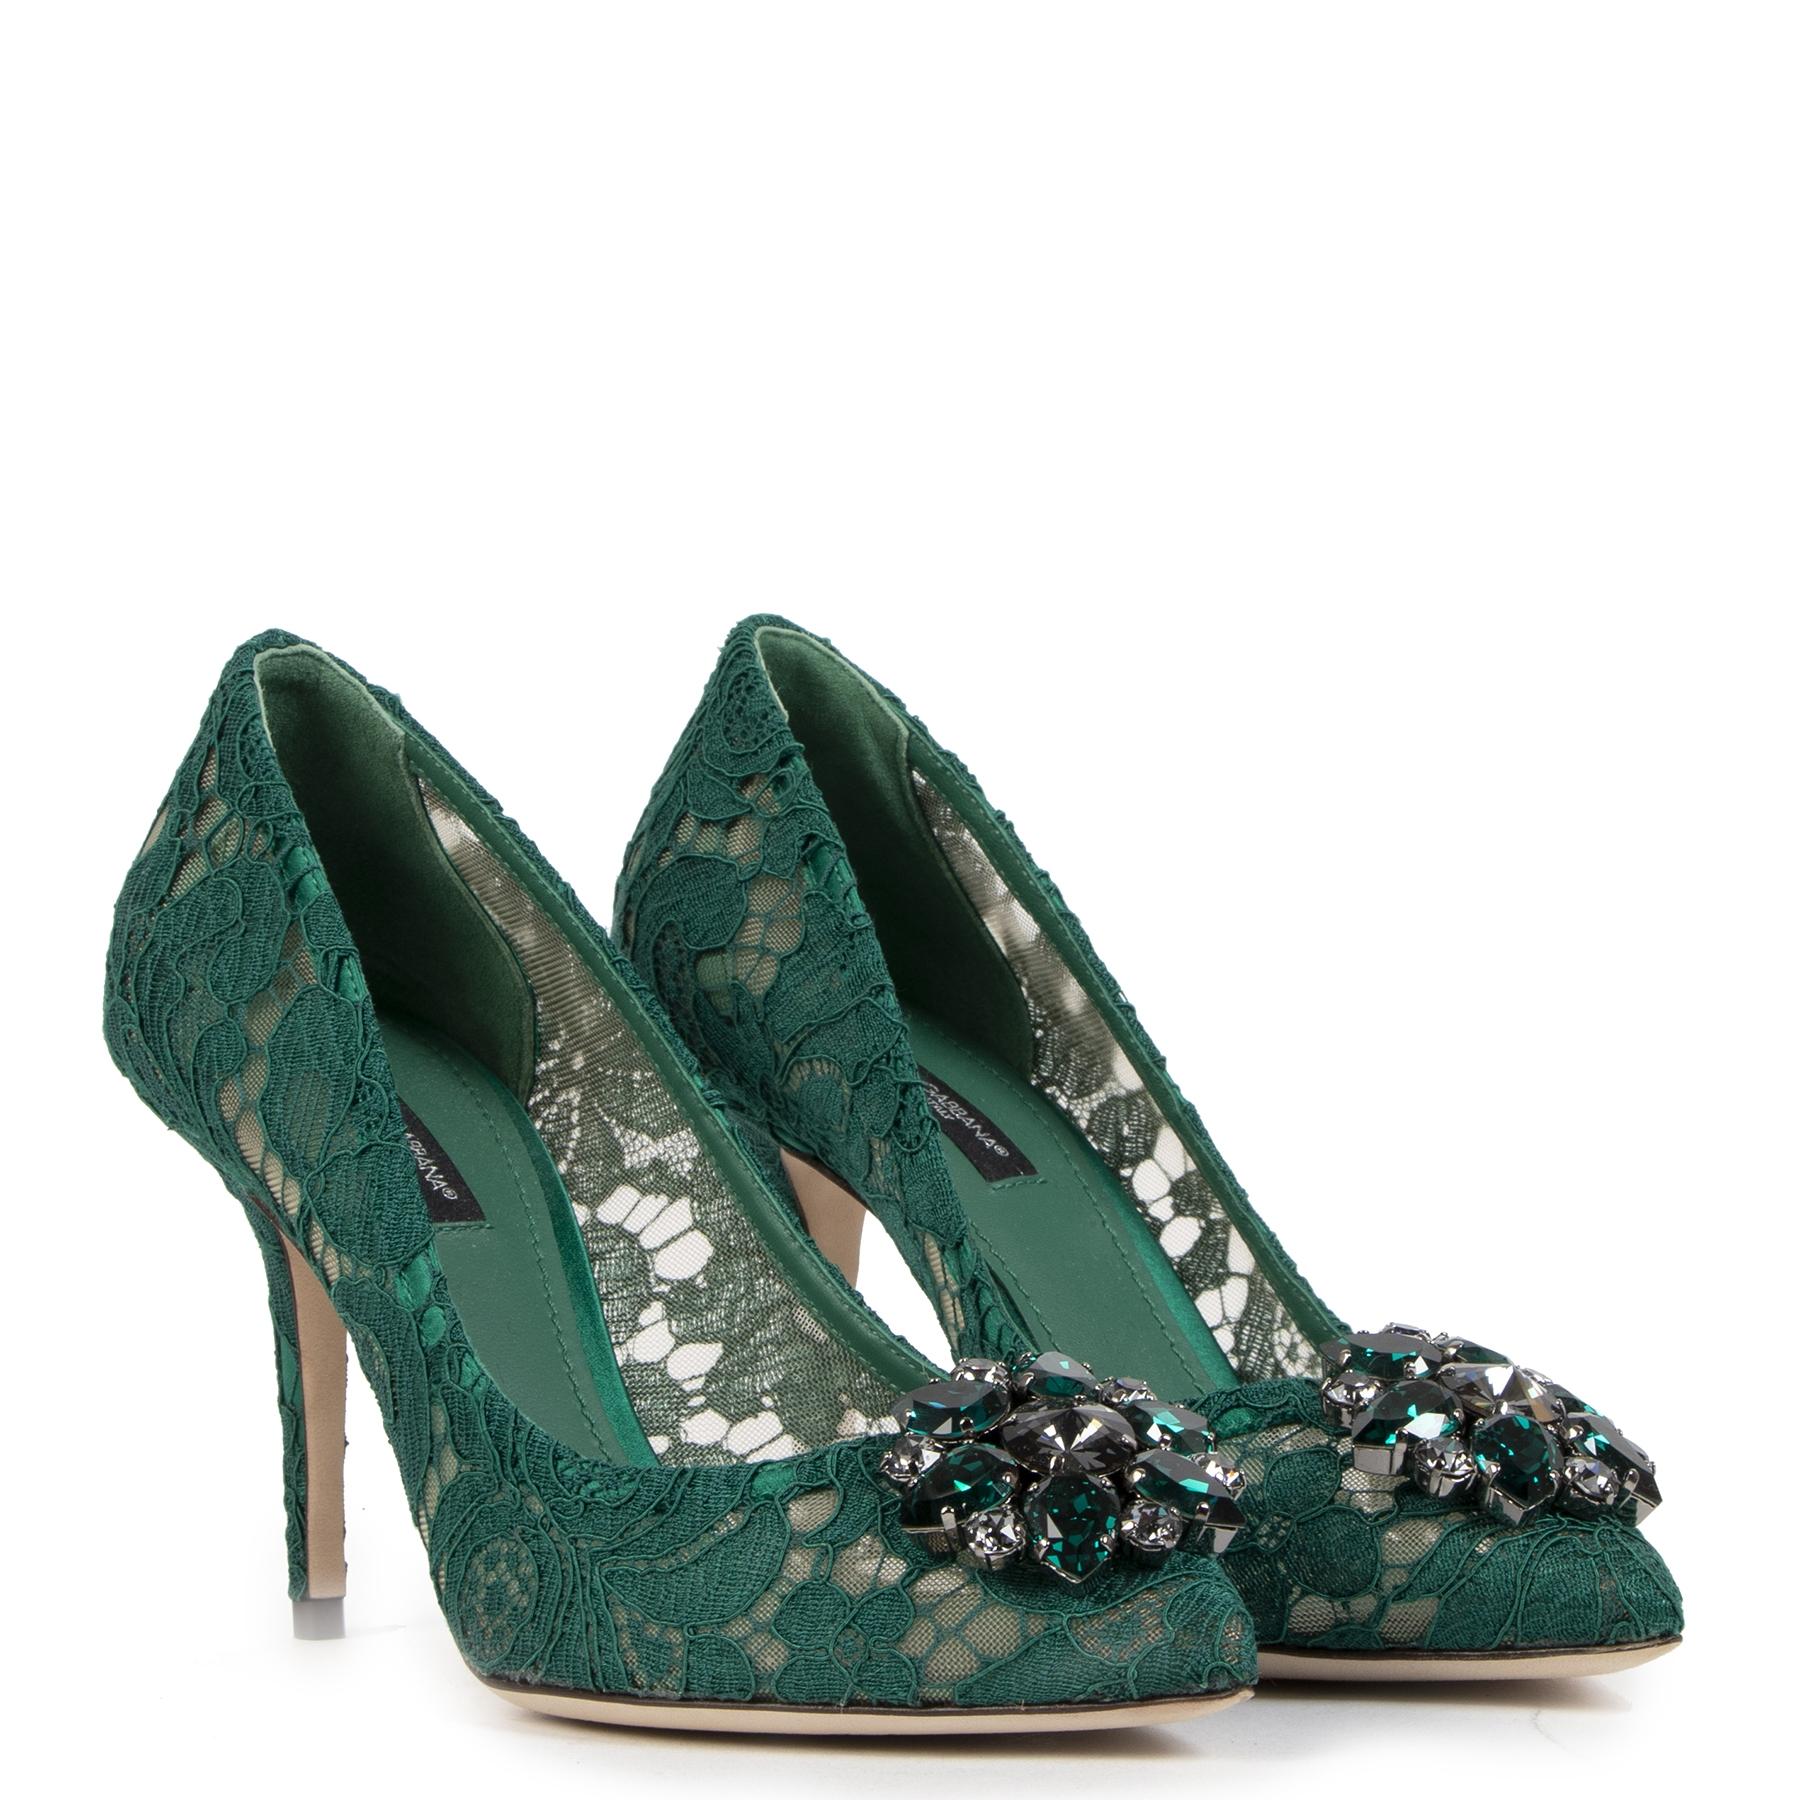 Authentieke Tweedehands Dolce & Gabbana Taormina Crystal Lace Pumps - Size 38 juiste prijs veilig online shoppen luxe merken webshop winkelen Antwerpen België mode fashion